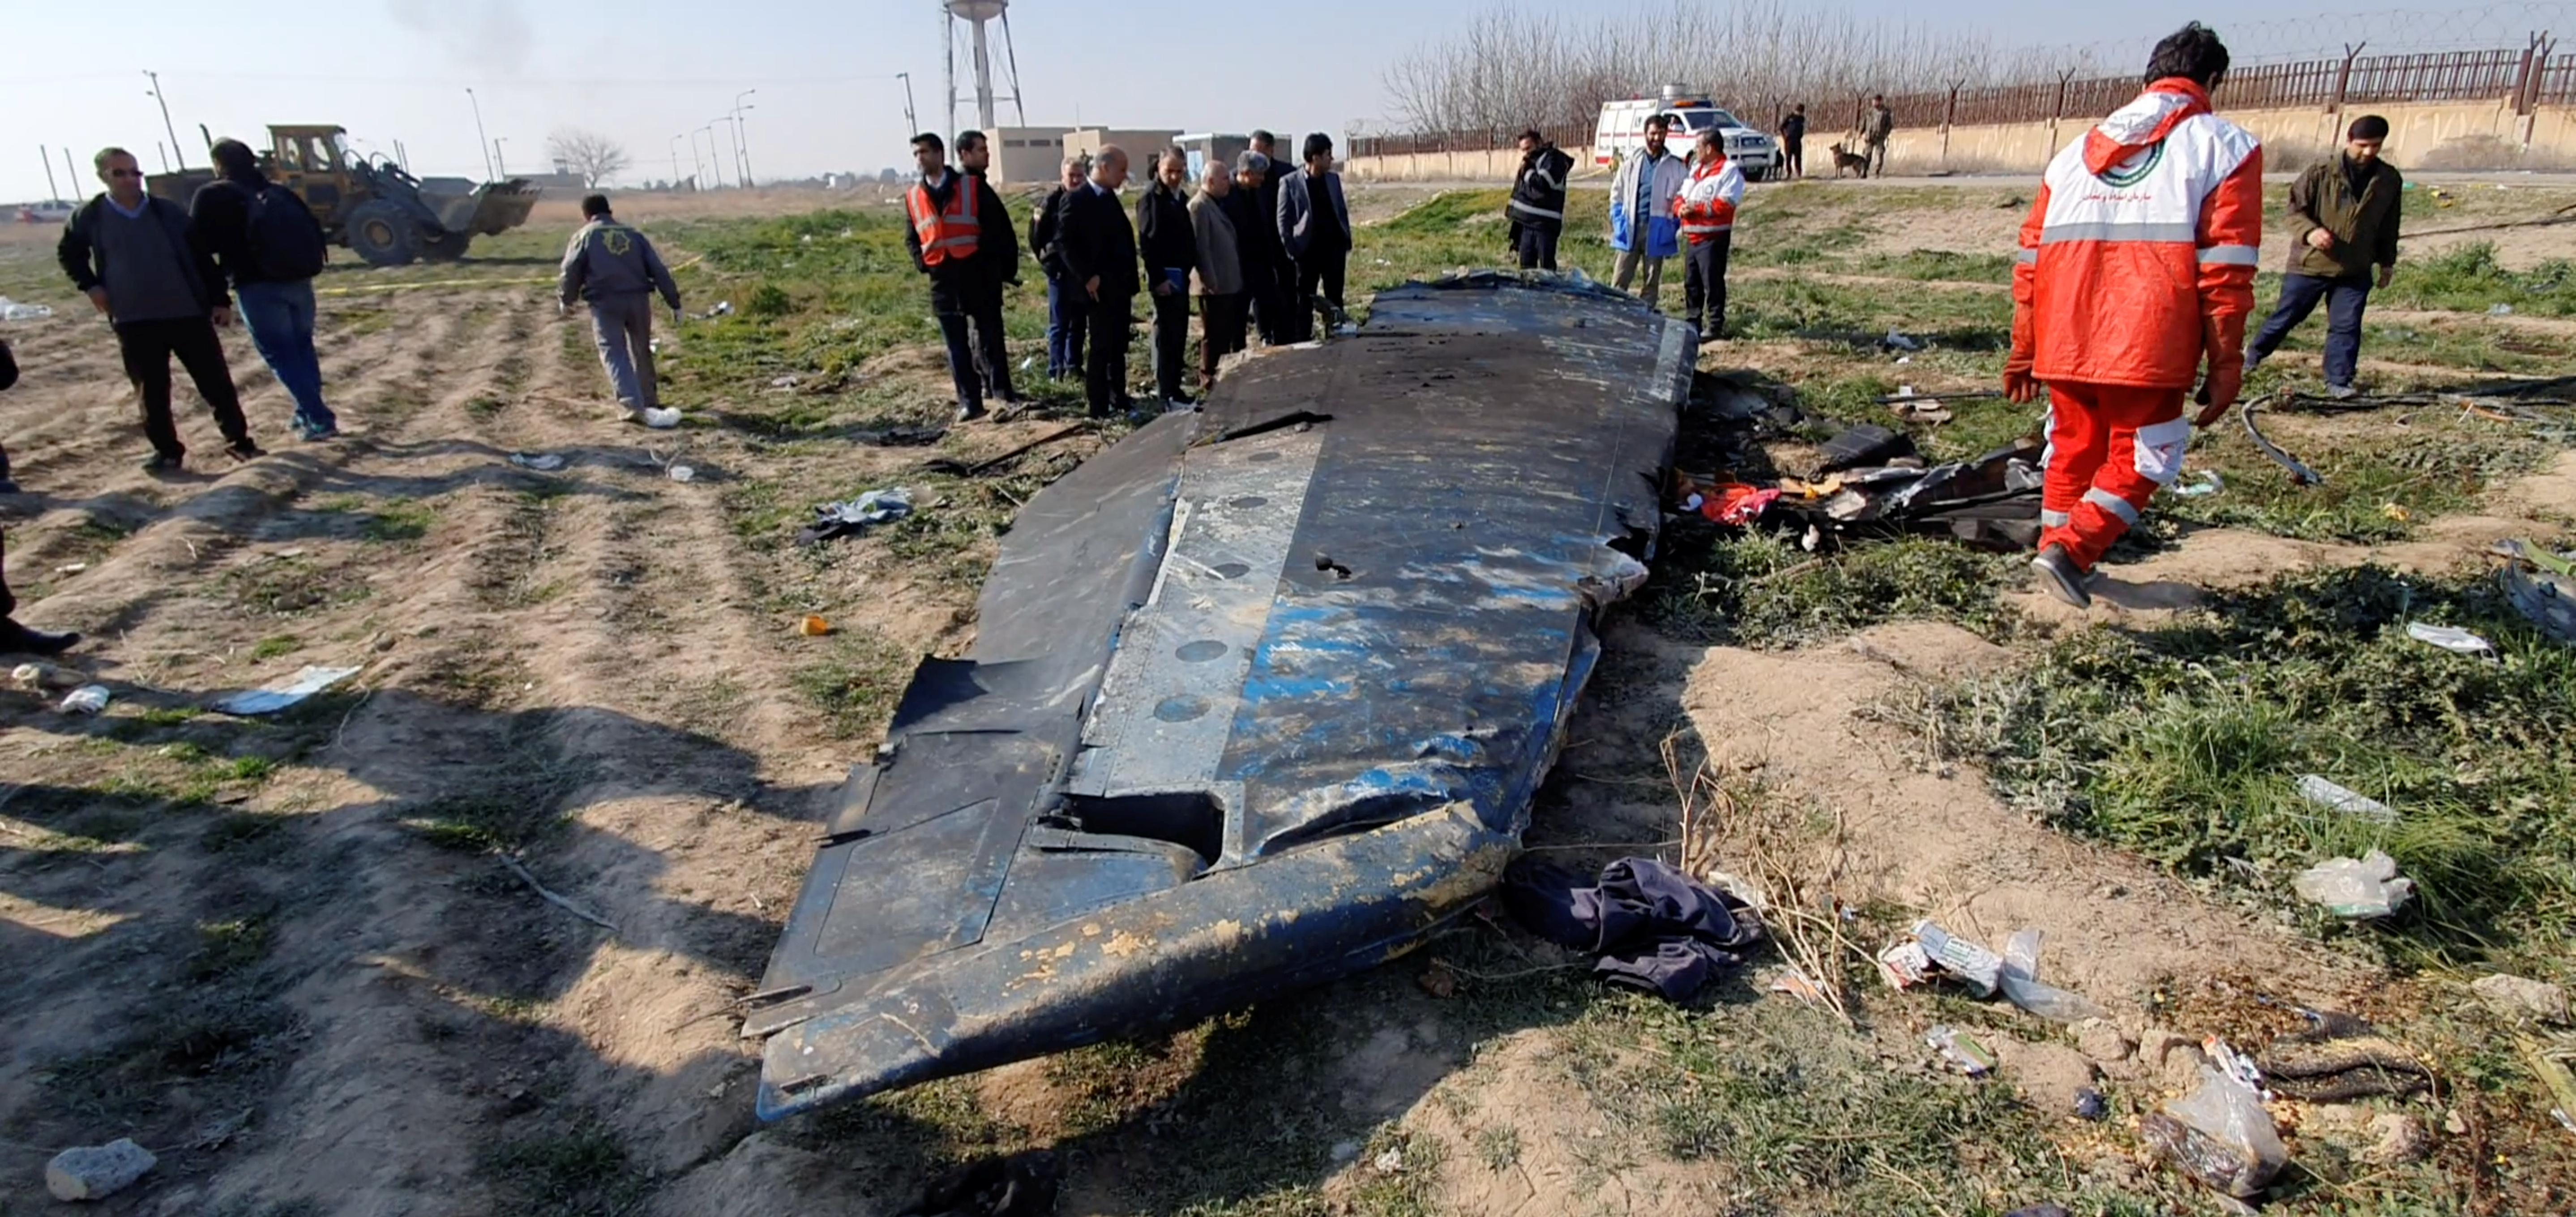 Ιράν - αεροπορική τραγωδία